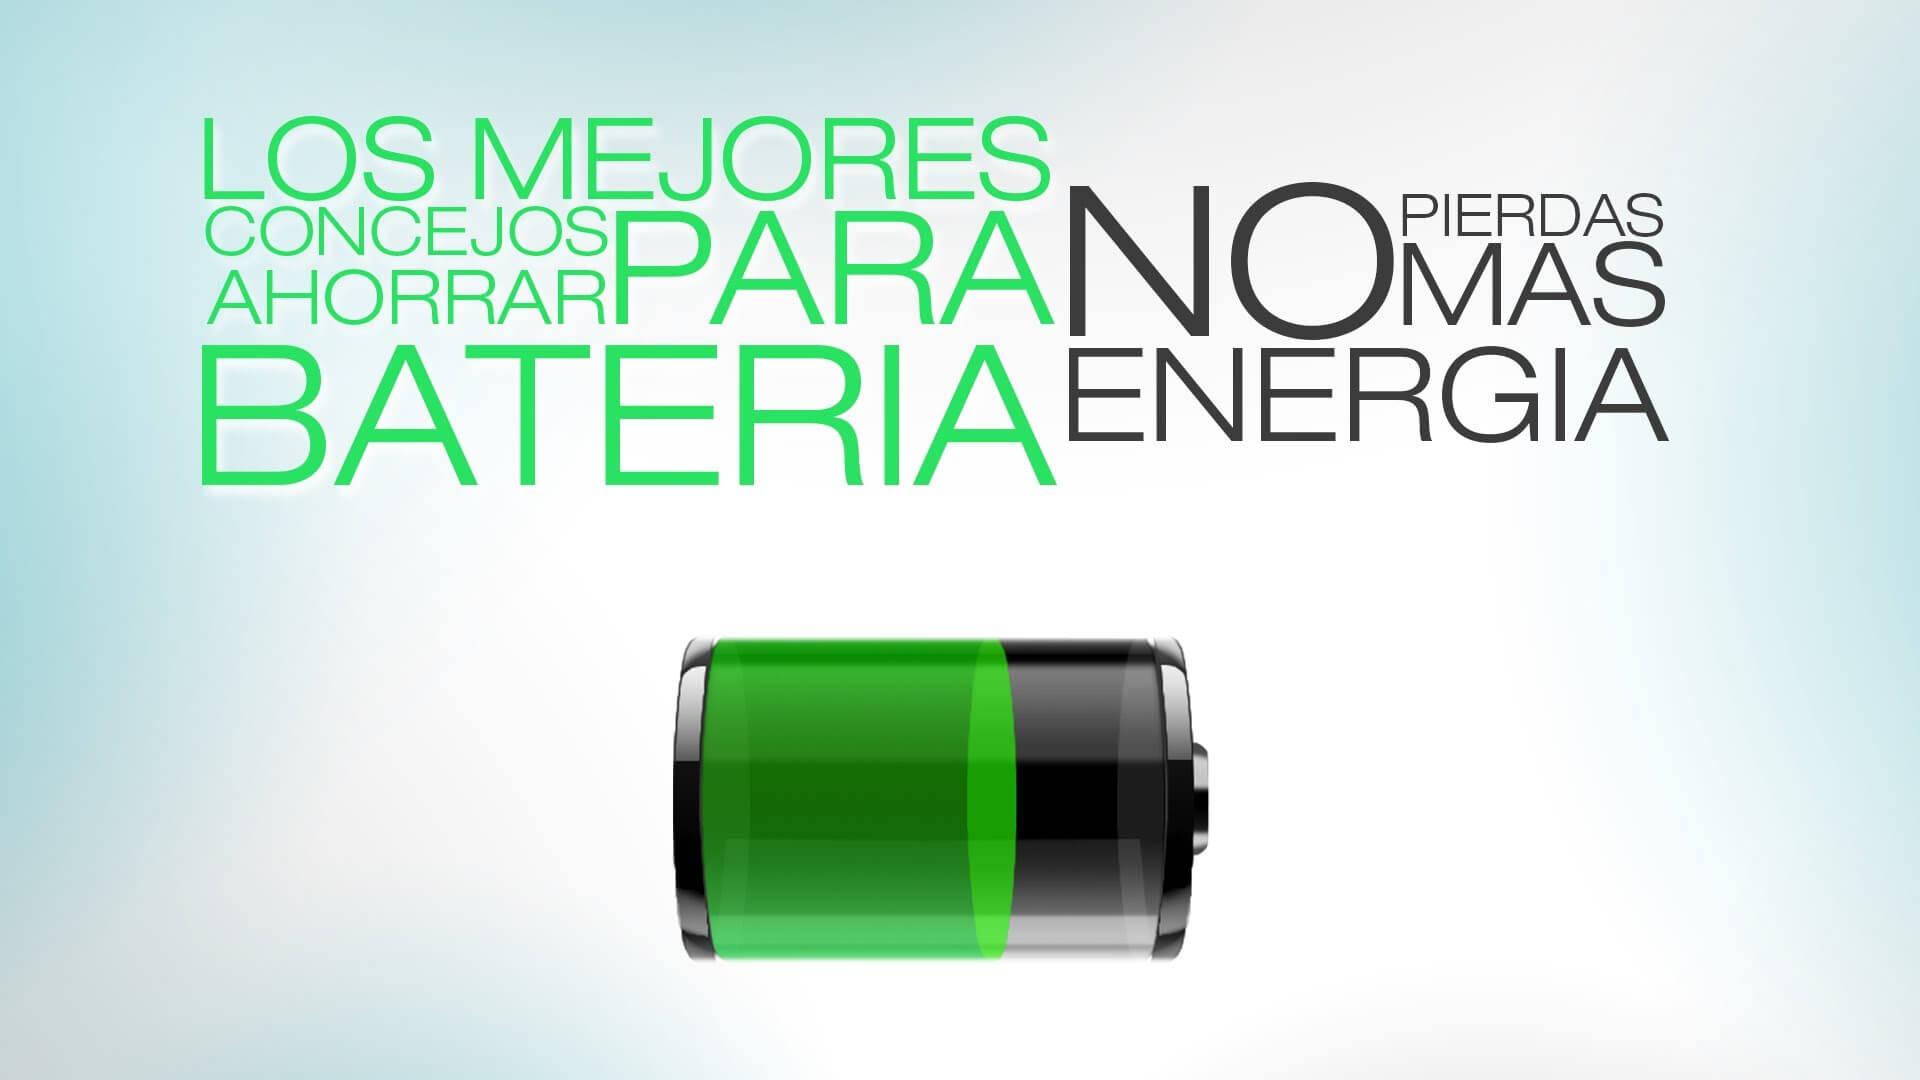 Los Mejores concejos para ahorrar bateria